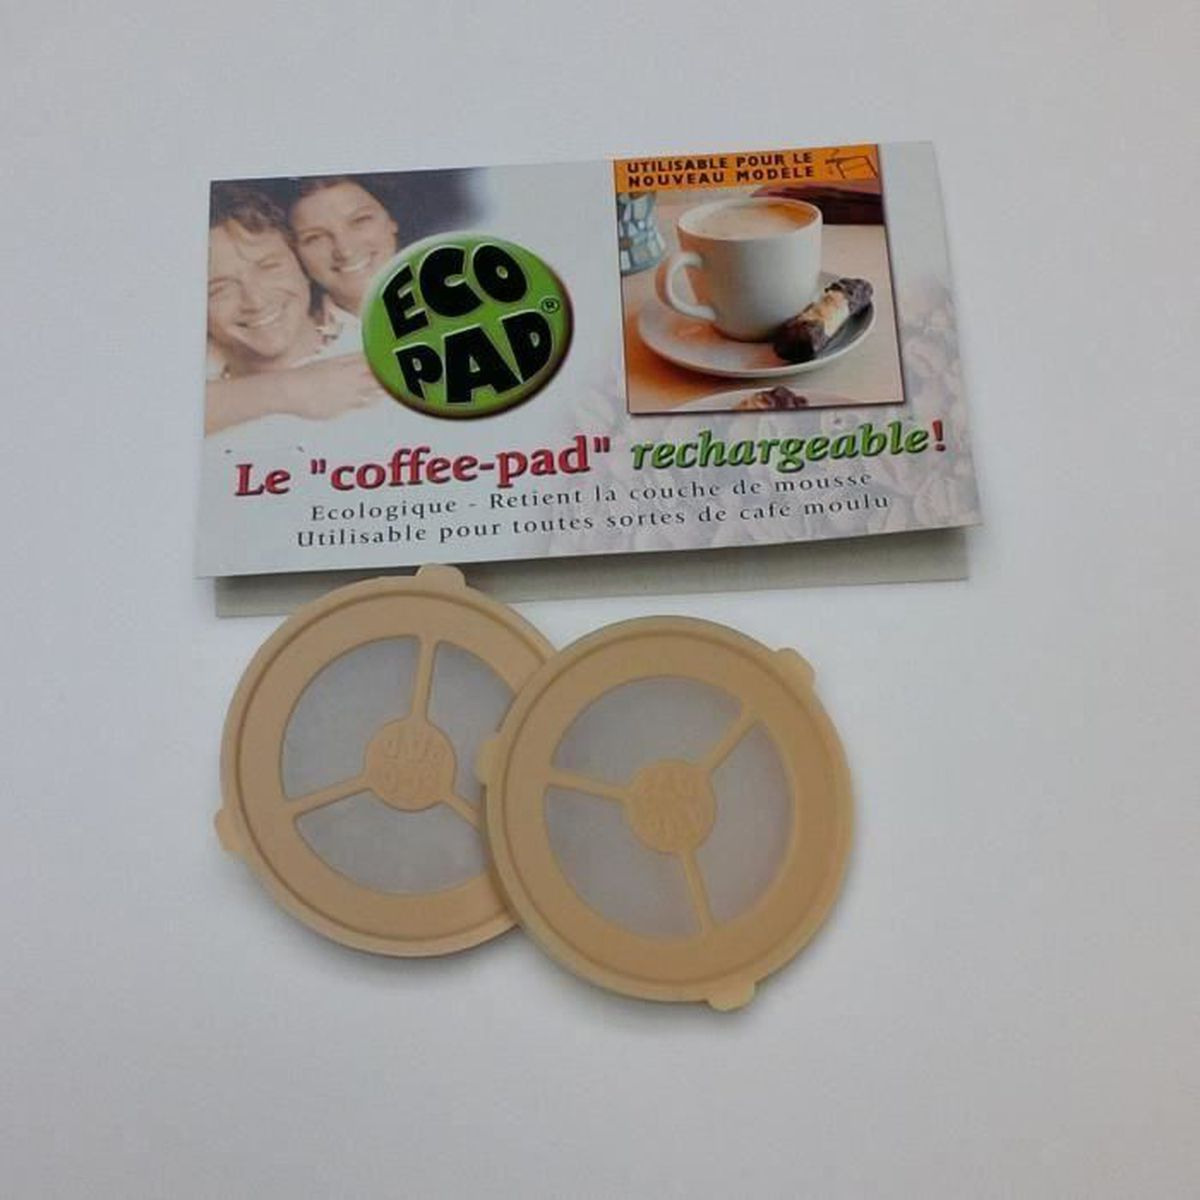 MACHINE À CAFÉ Ecopads - 2 Dosettes rechargeables prmanentes pour